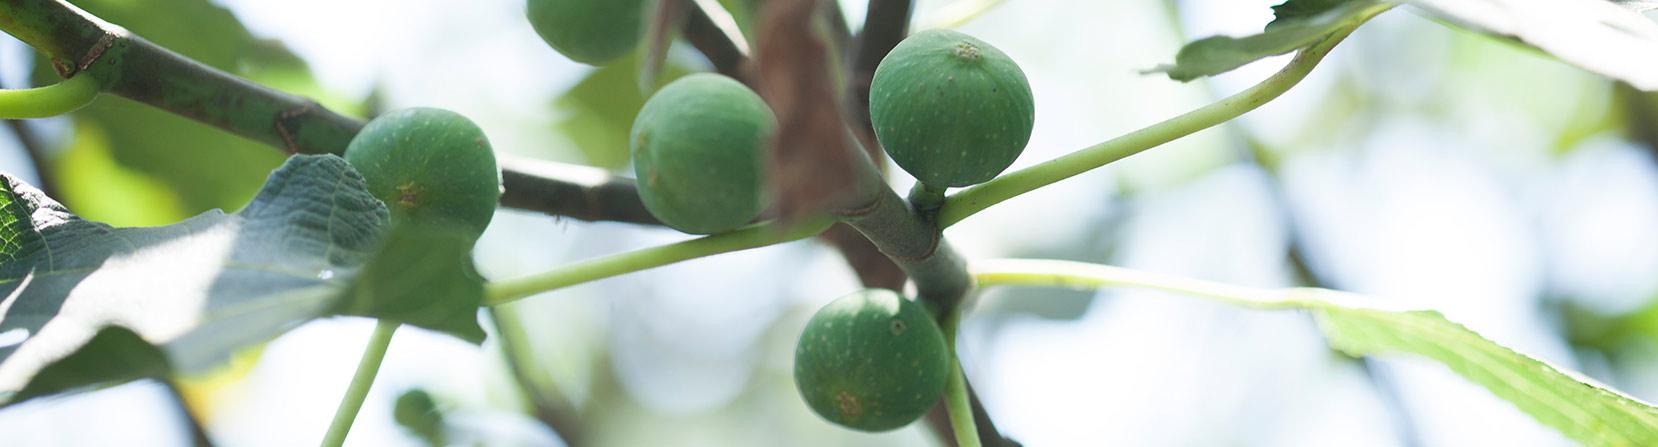 ענף תאנה